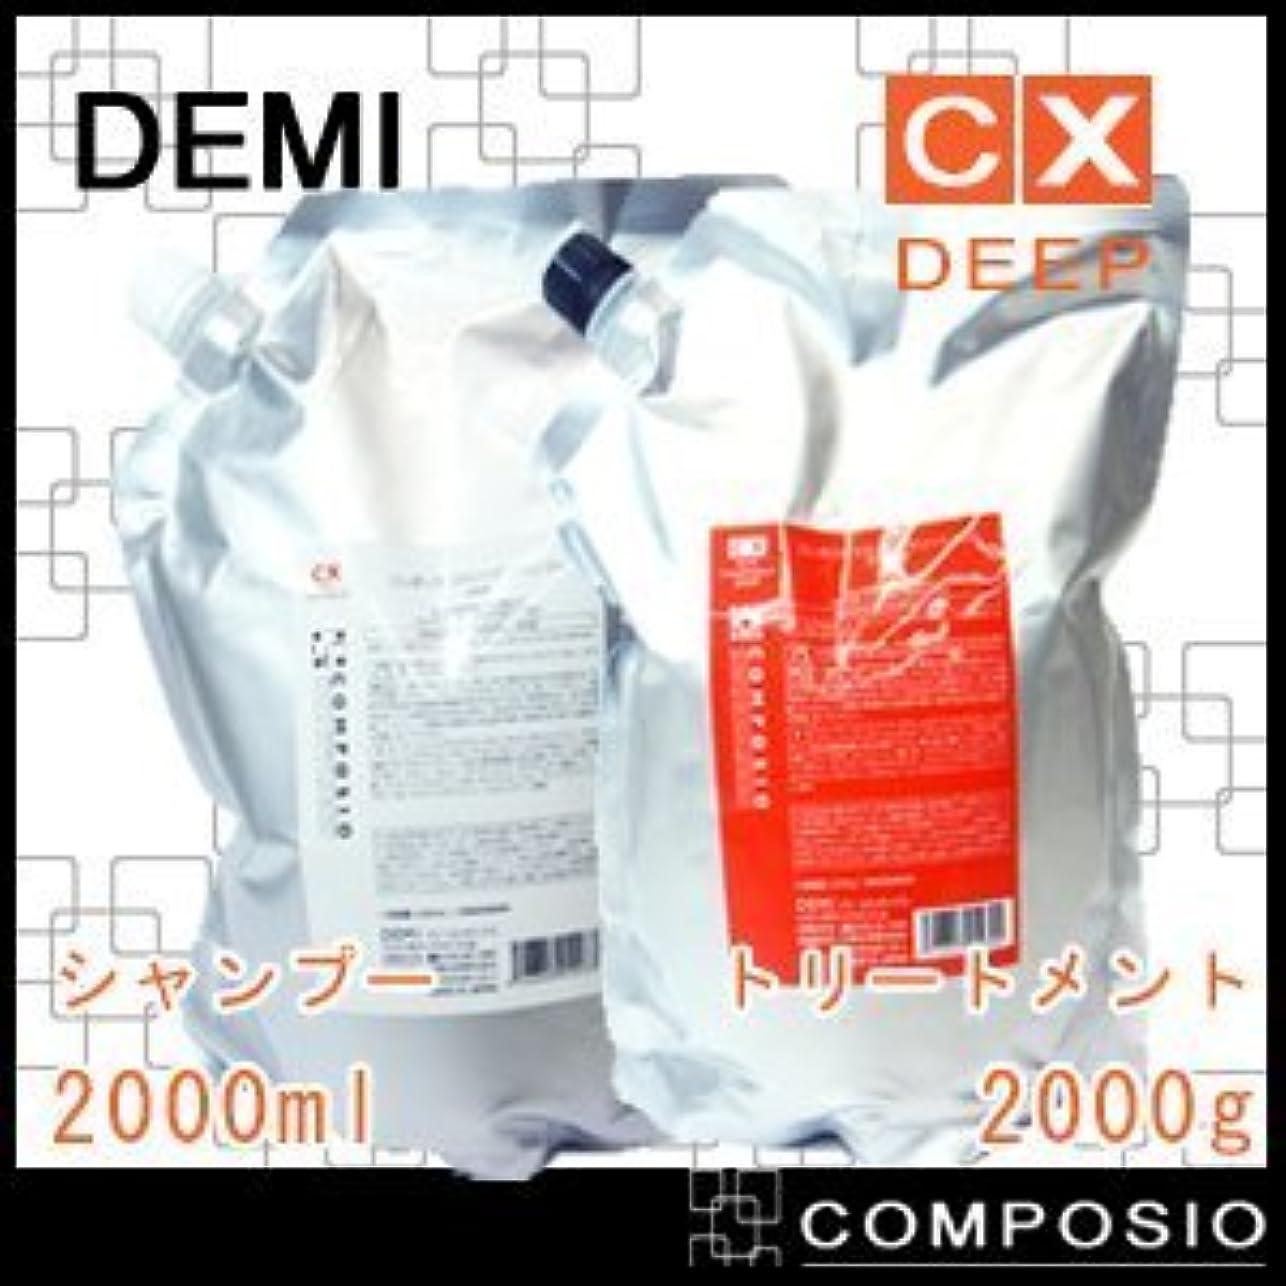 結晶予算ストラップデミ コンポジオ CXリペアシャンプー&トリートメント ディープ 詰め替え 2000ml,2000g